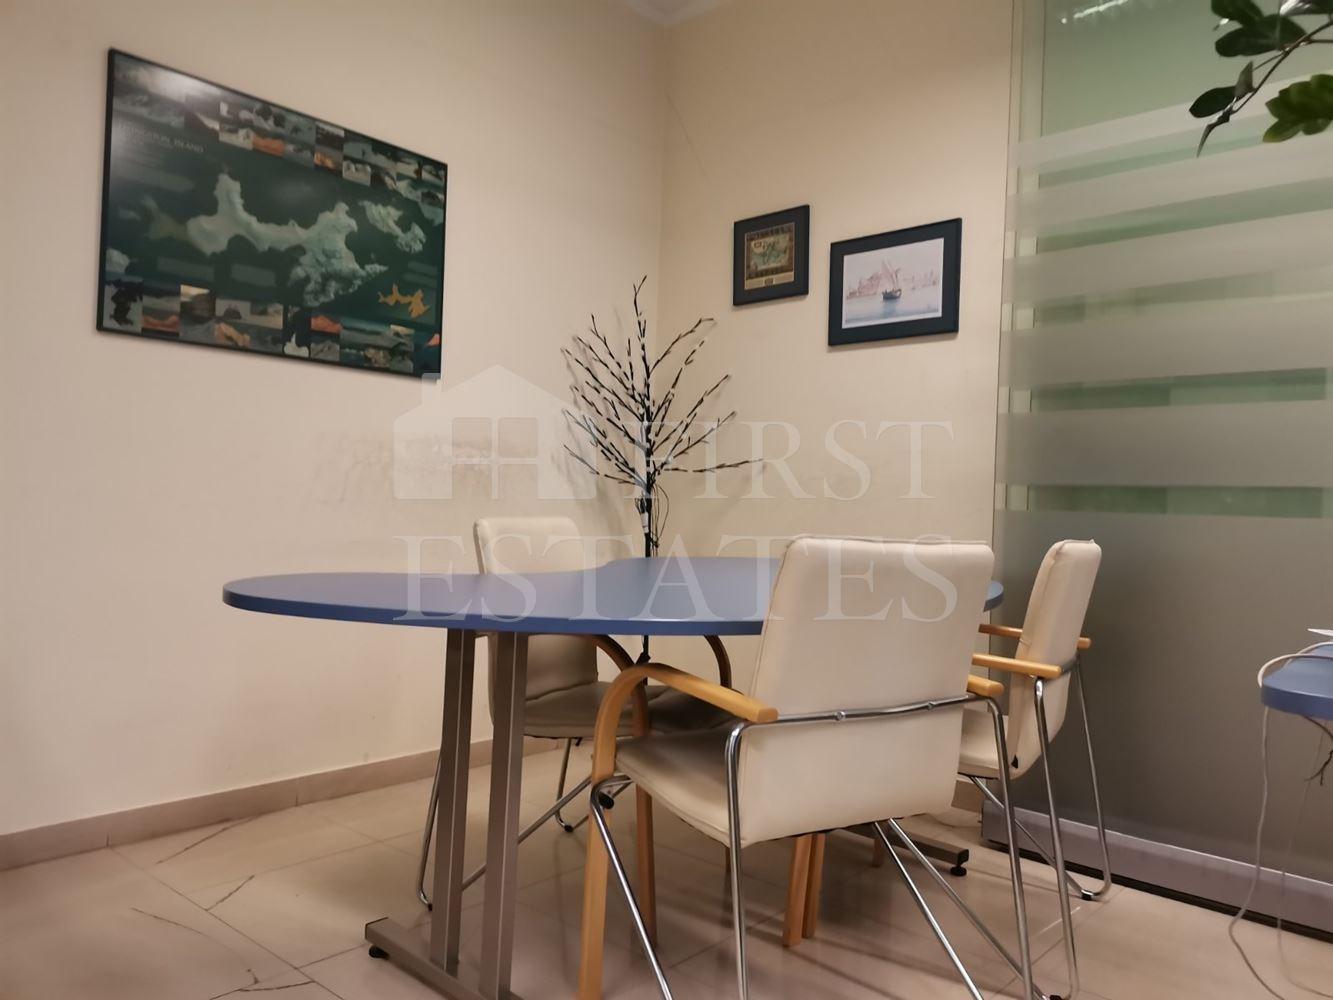 100 m² офис за продажба